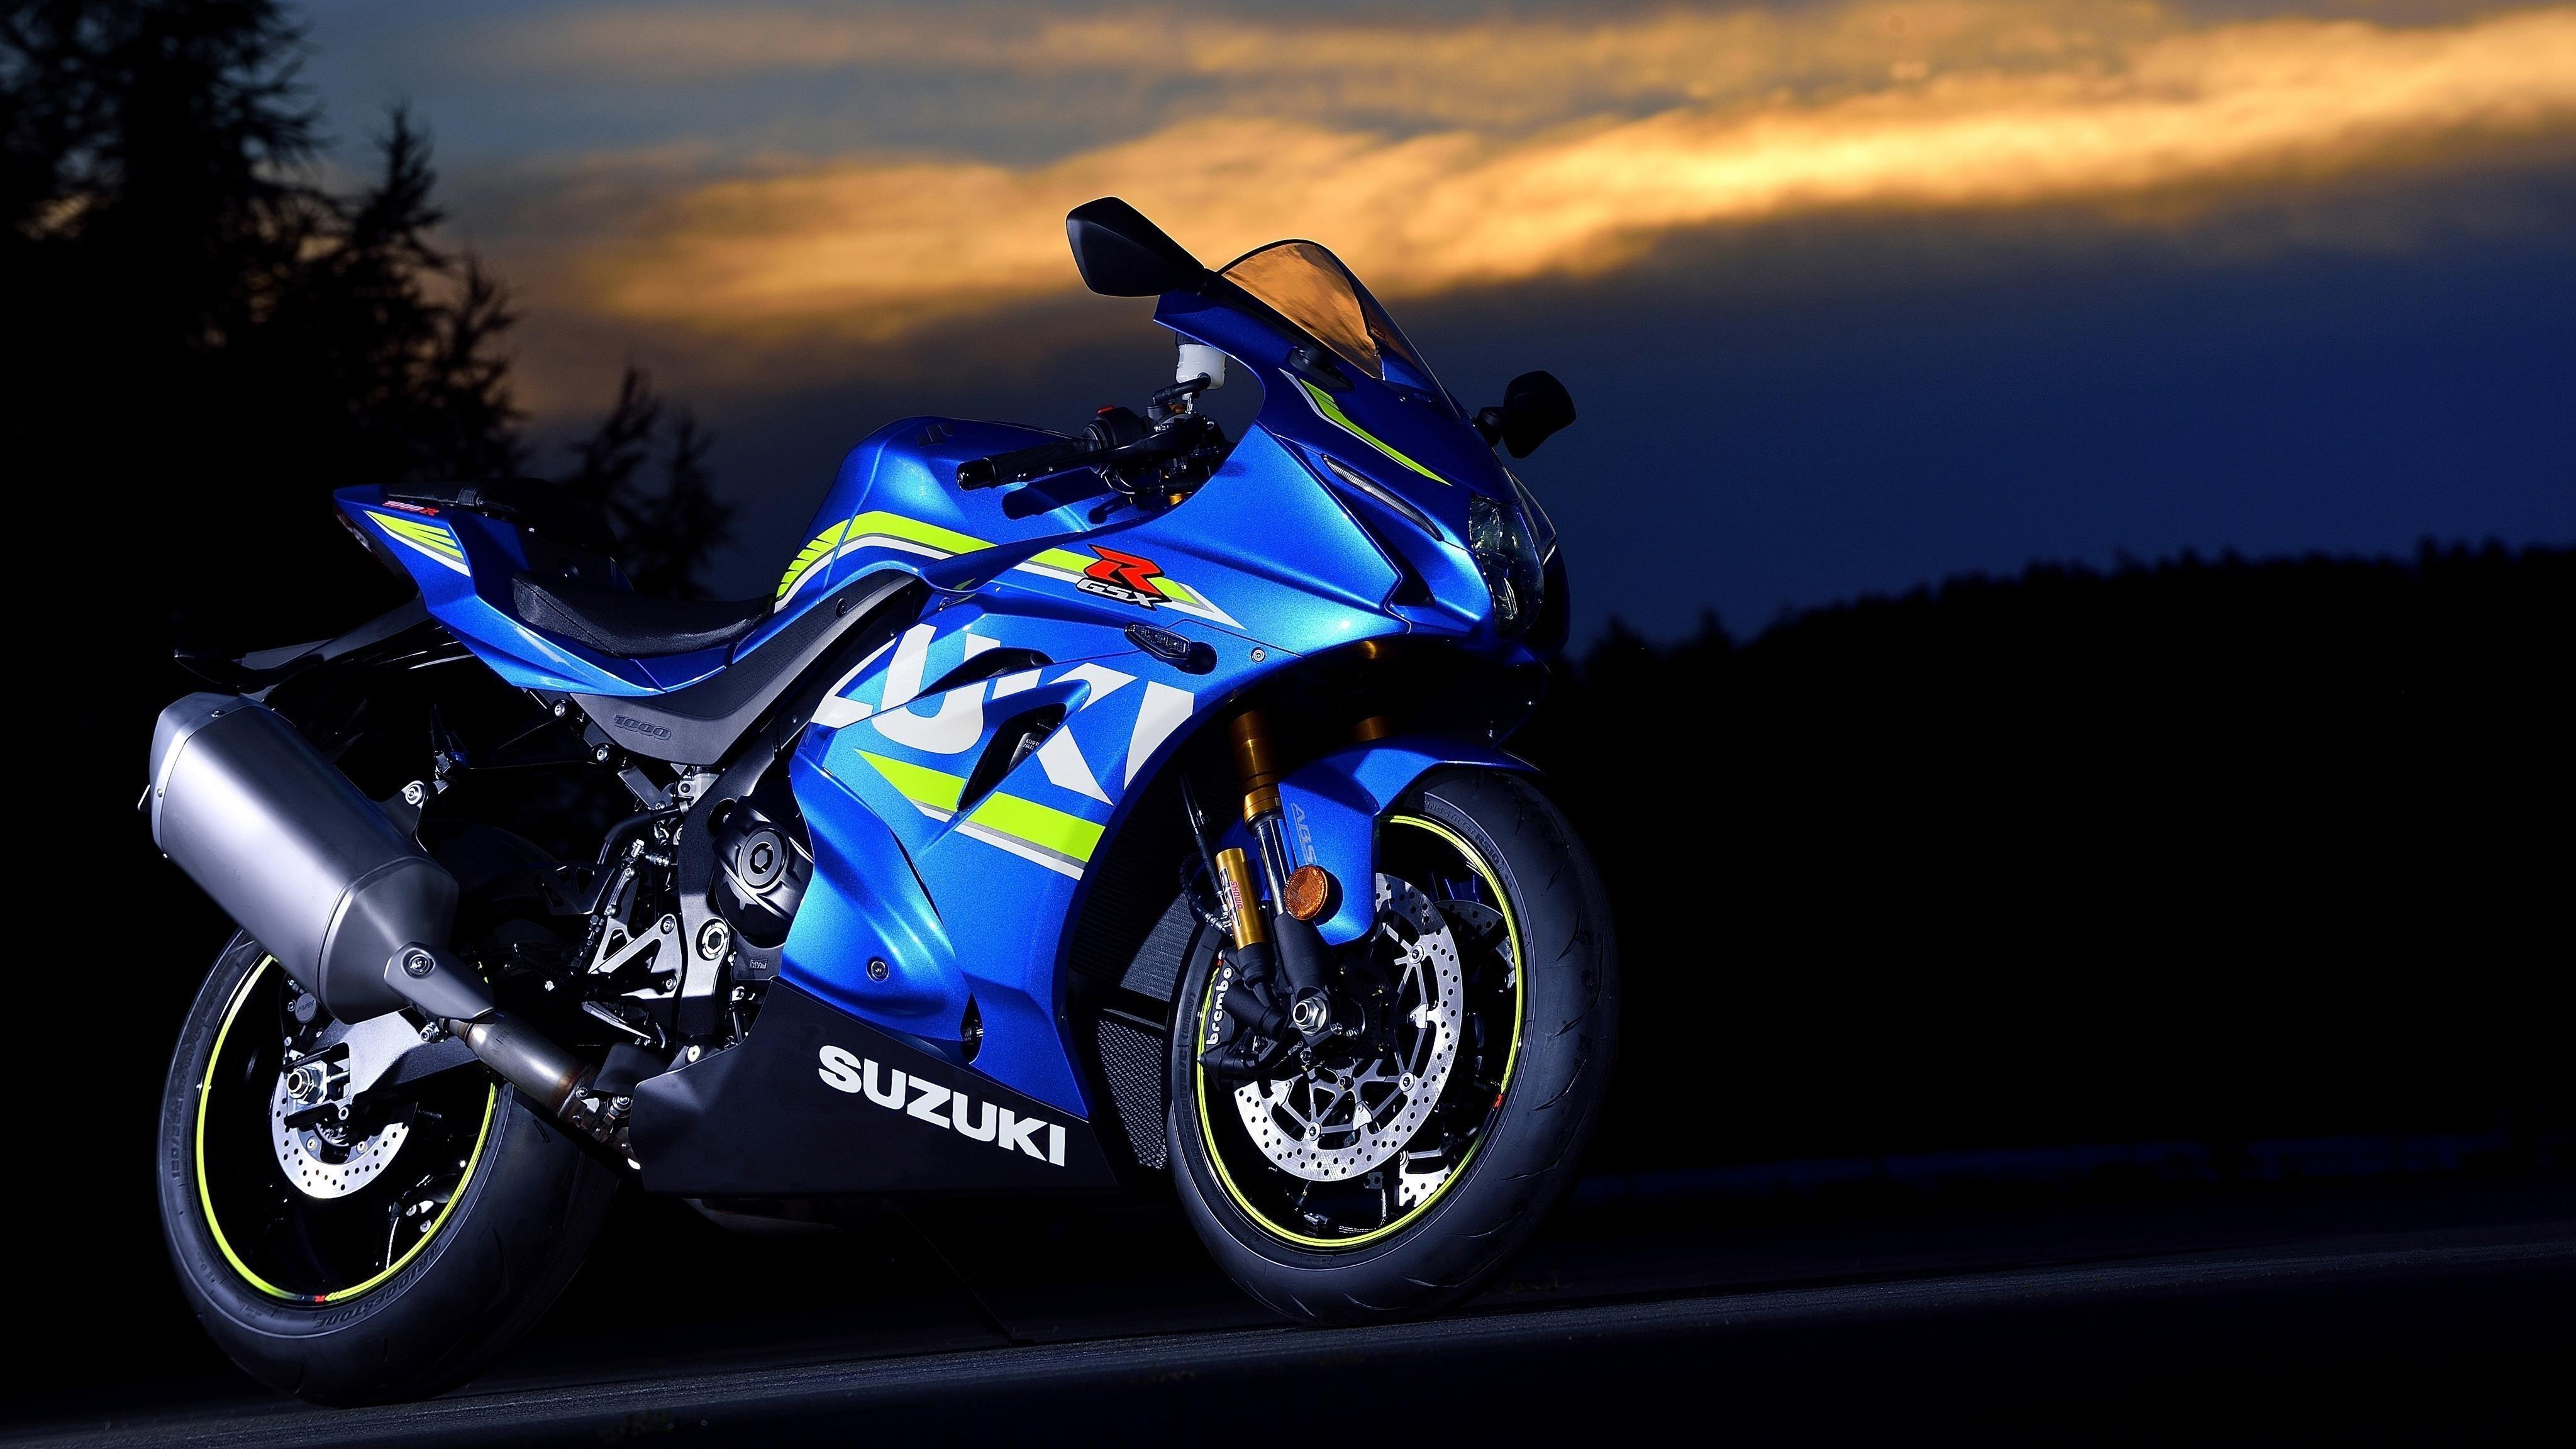 Suzuki gsx- обои скачать